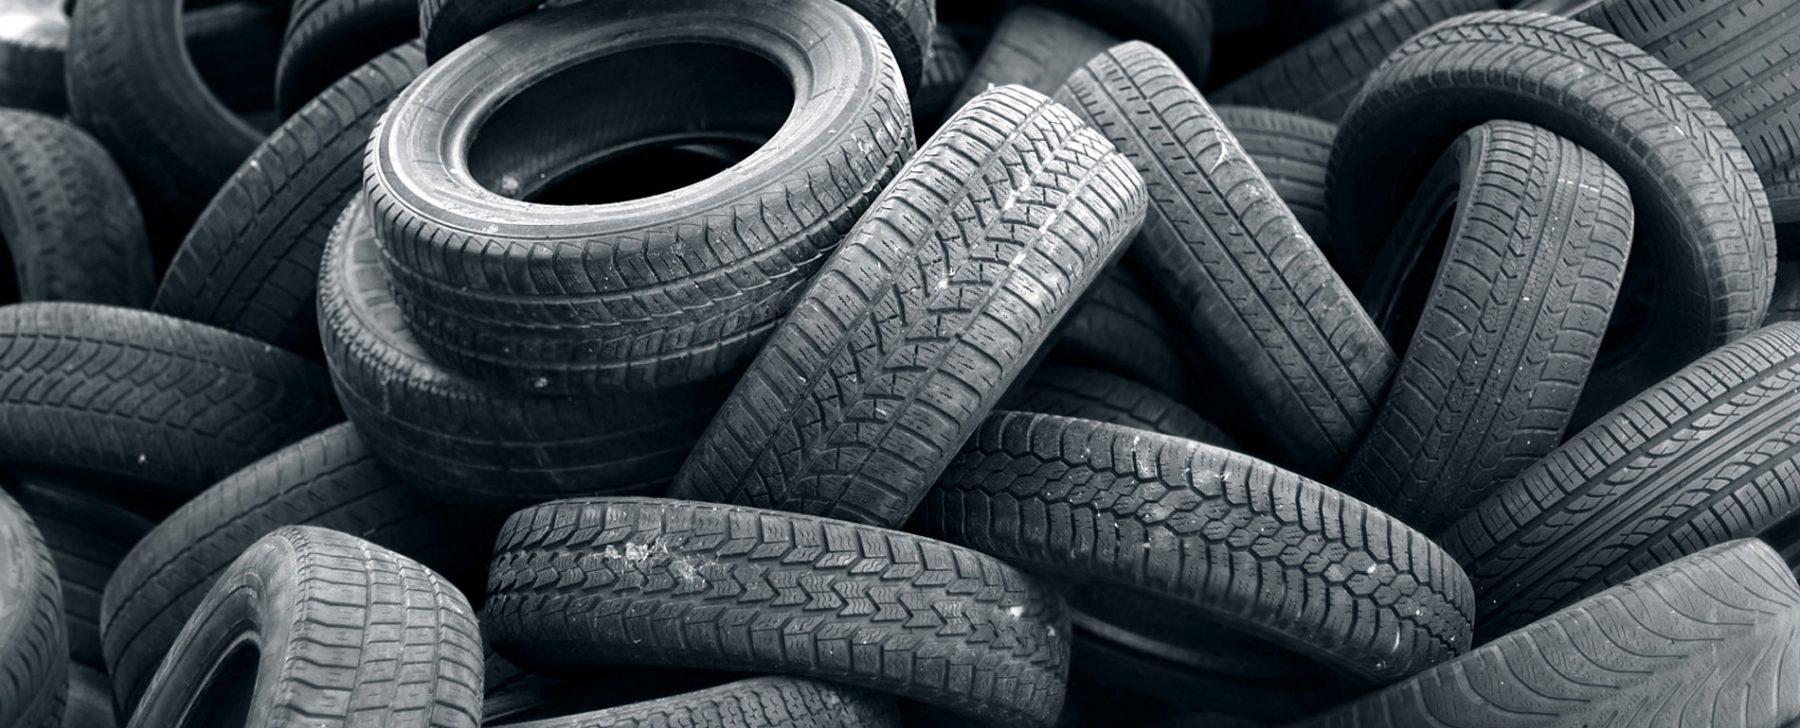 Porque los neumáticos deben mantenerse a la presión indicada por el fabricante